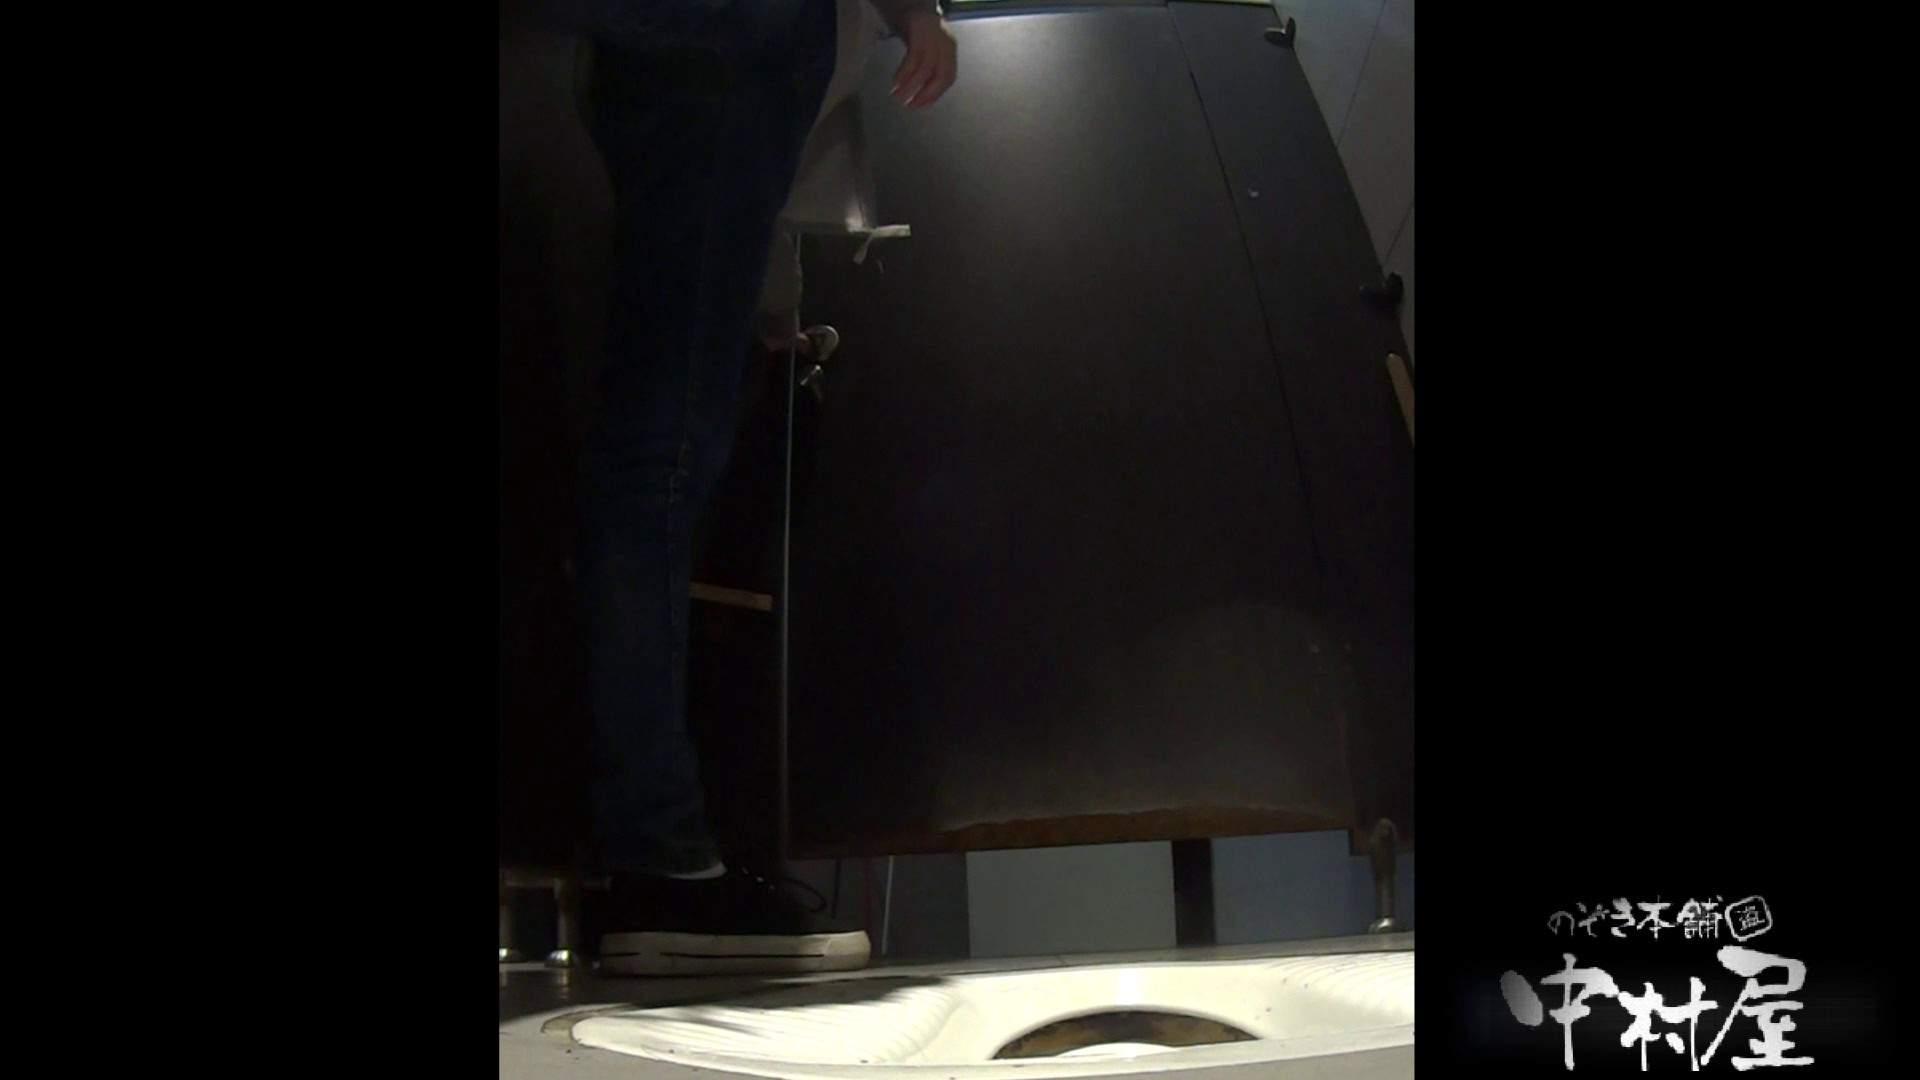 大学休憩時間の洗面所事情21 美女 ワレメ無修正動画無料 65連発 2